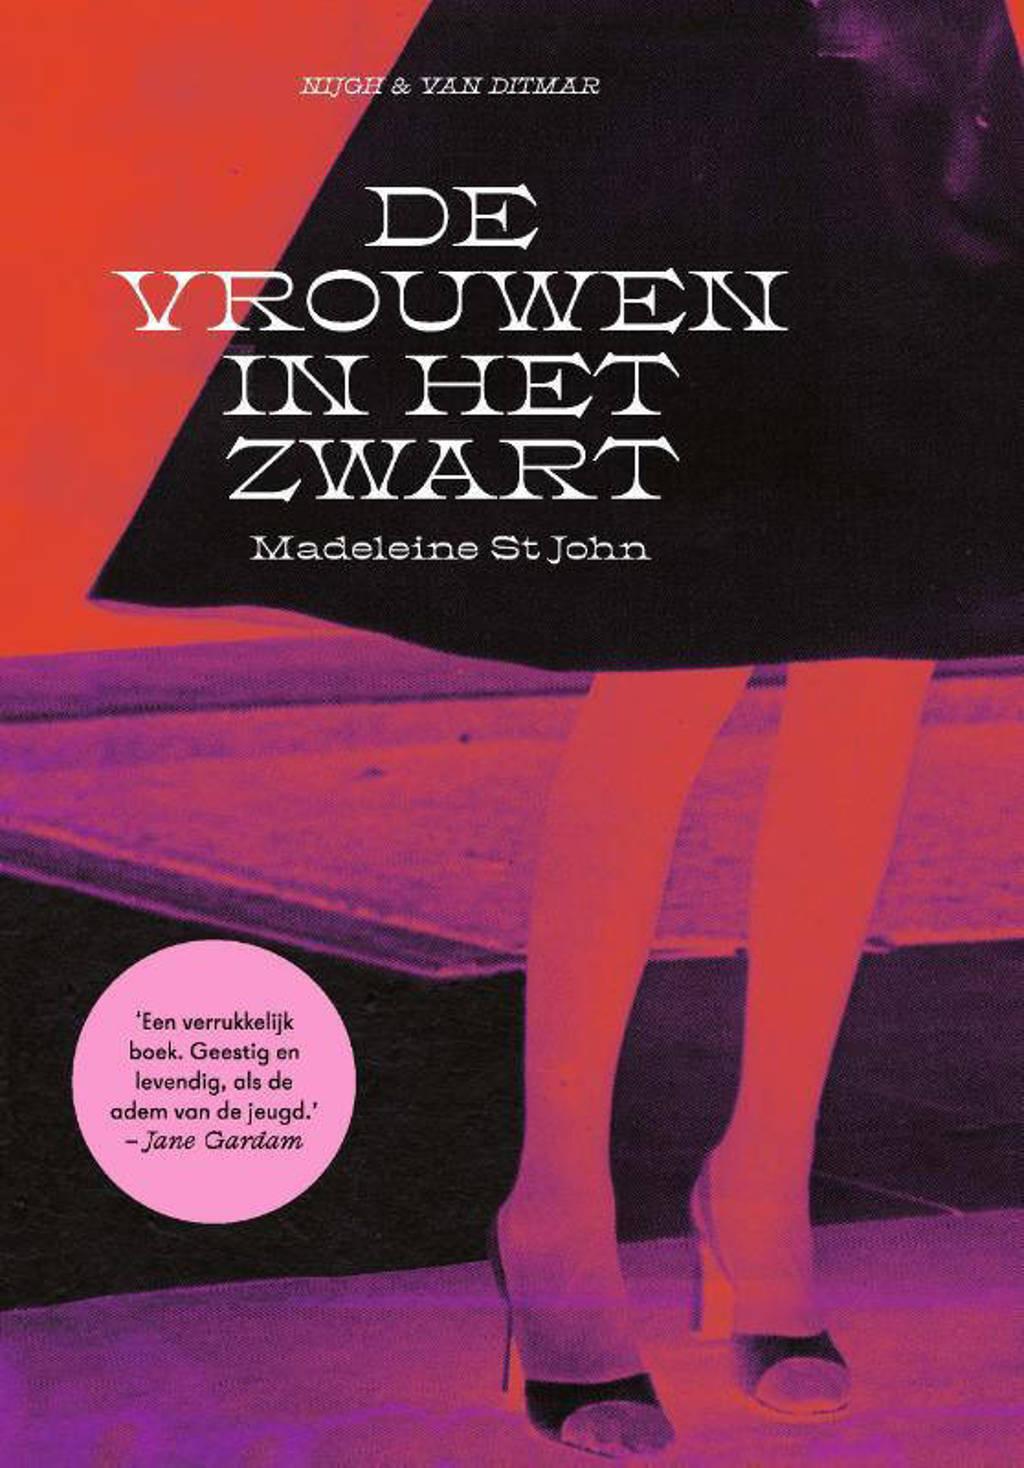 De vrouwen in het zwart - Madeleine St John